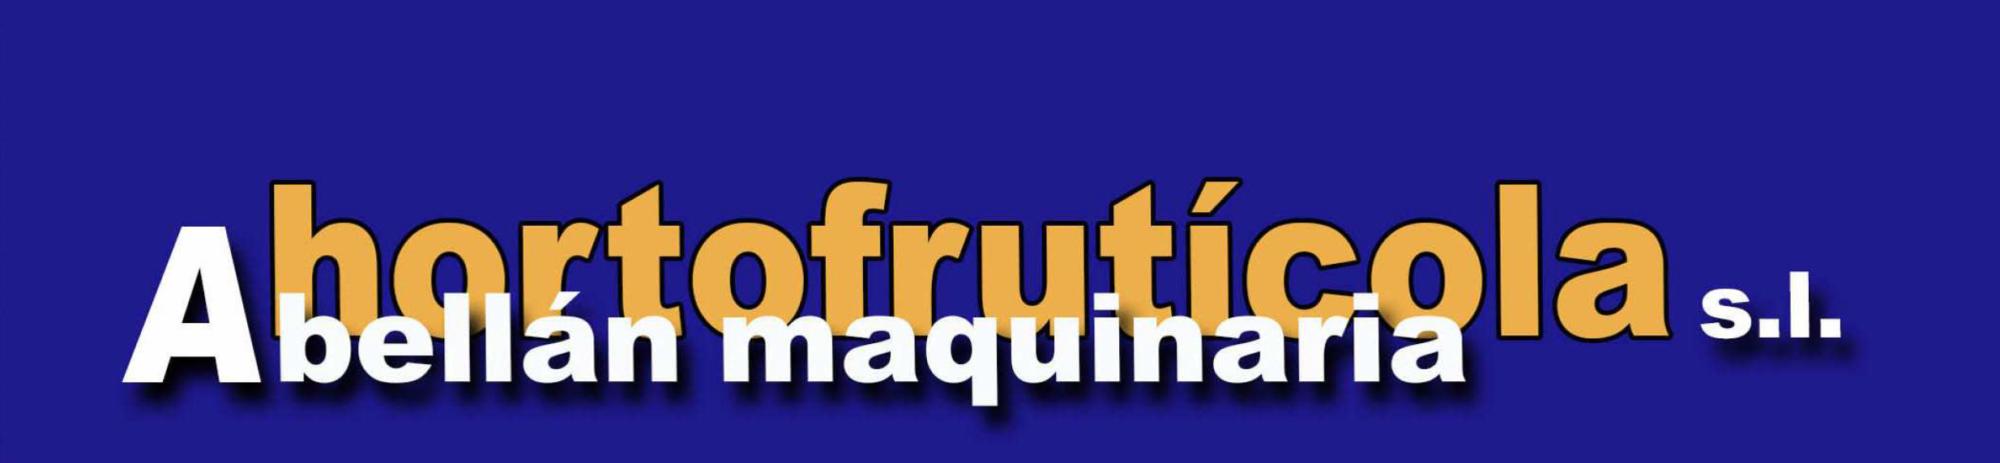 Maquinaria Hortofrutícuola, maquinaria de ocasión, consumibles y repuestos